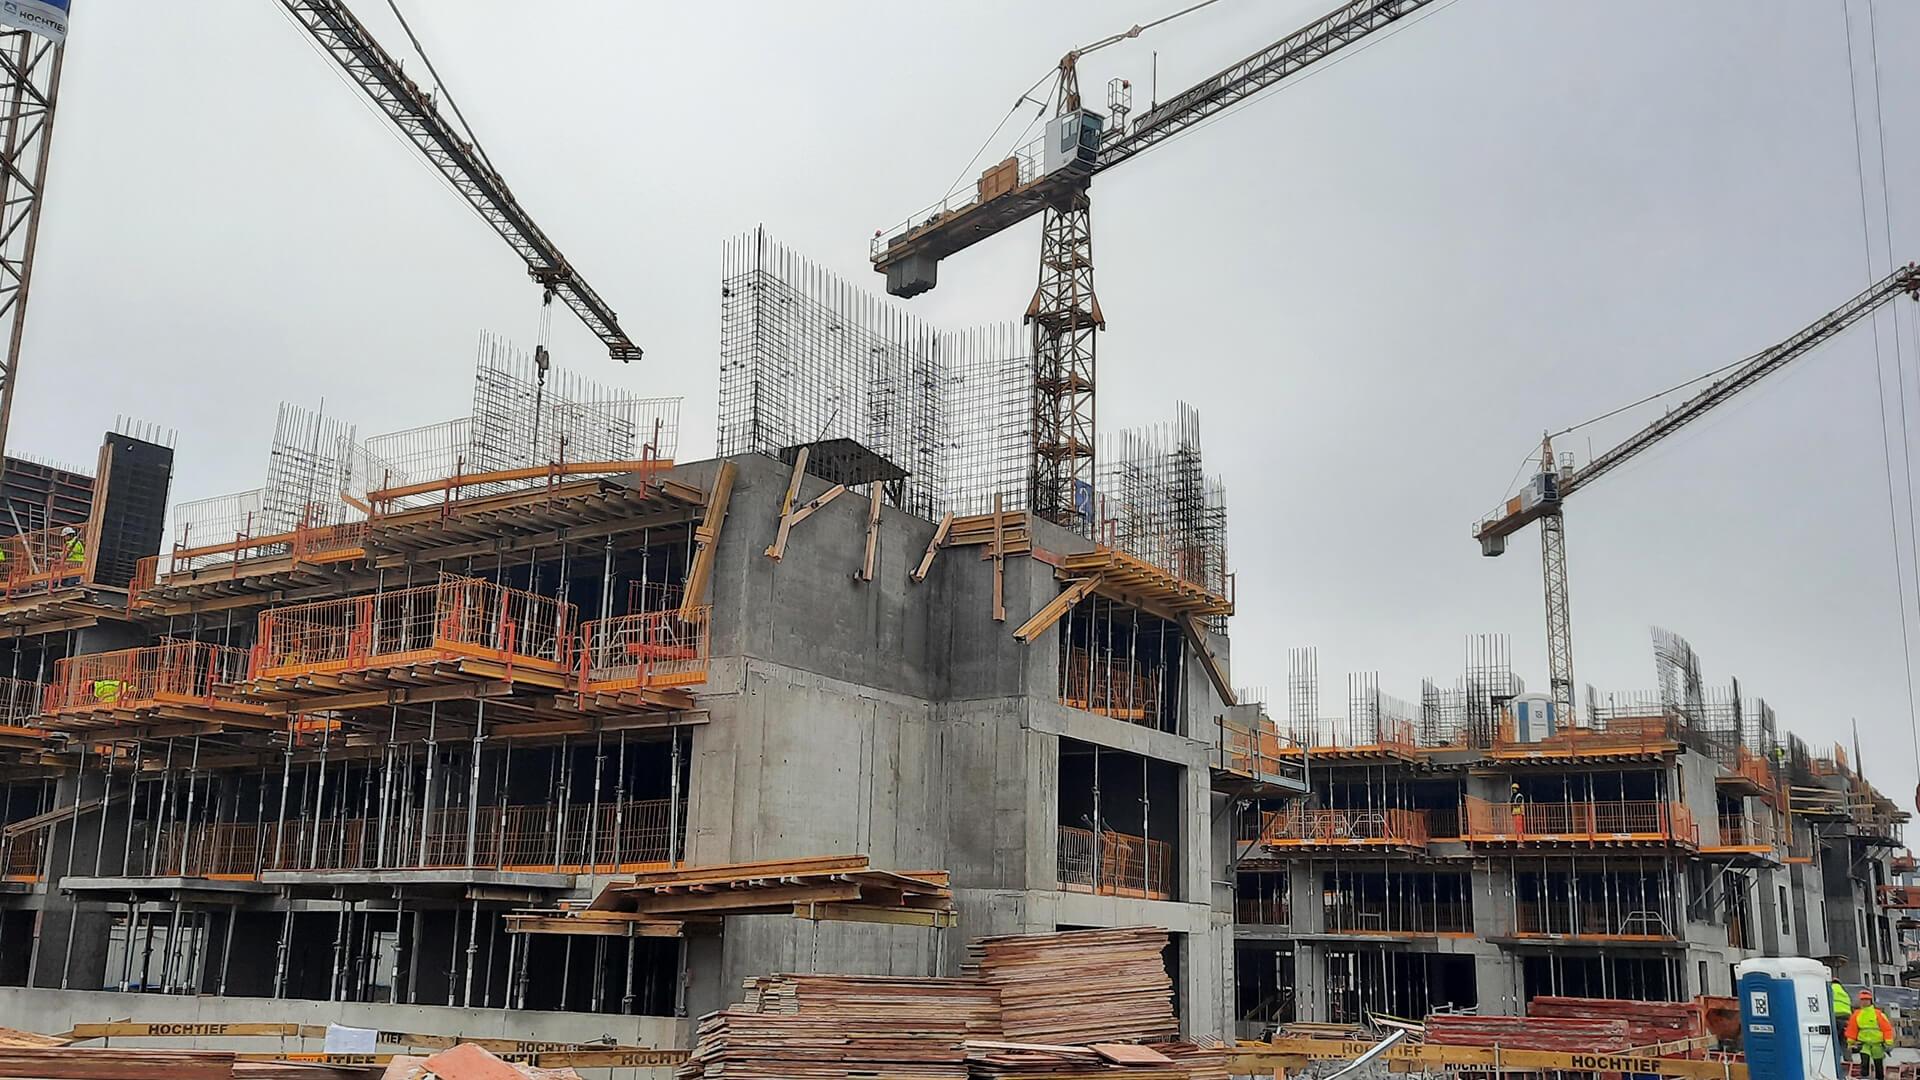 Miasteczko Jutrzenki - postęp prac - 5 stycznia 2021 rok